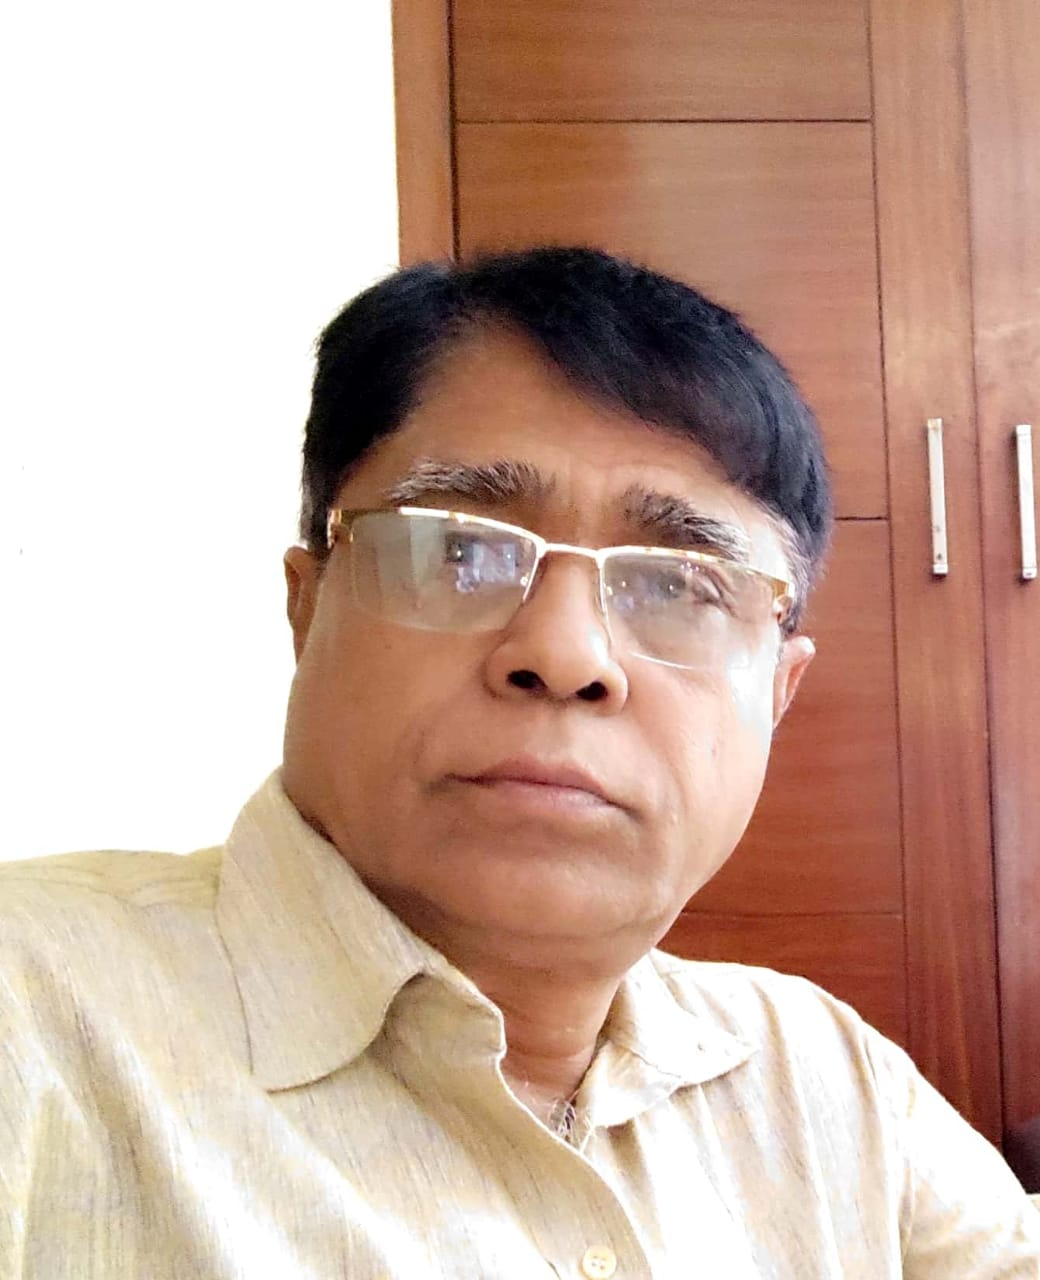 कवि उपेन्द्र अणु को मोहन मण्डेला लोक सम्मान